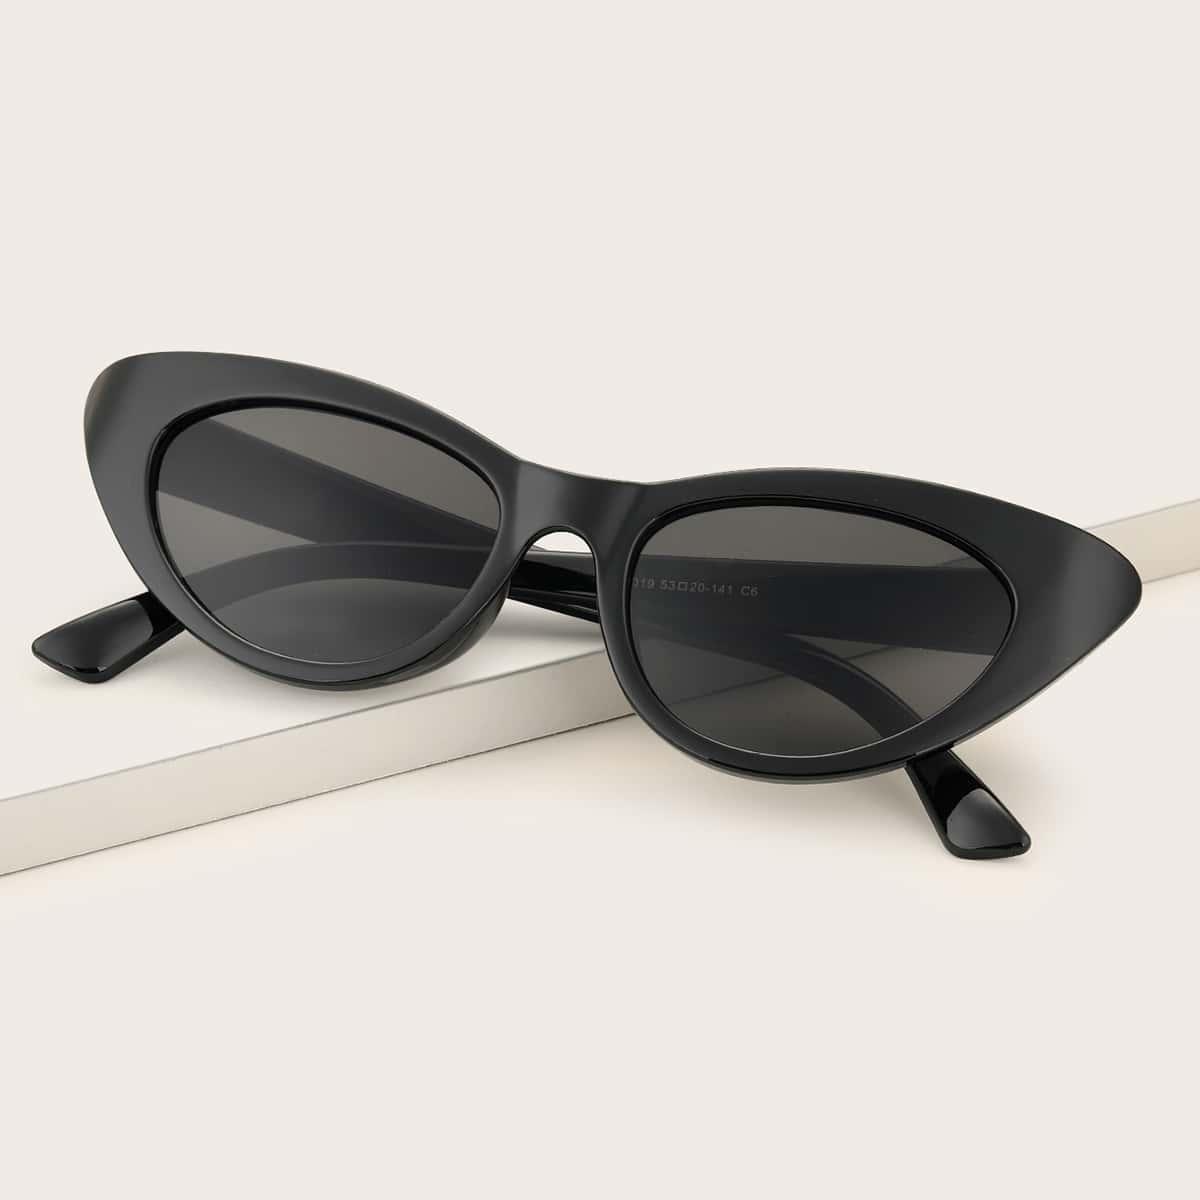 Солнечные очки в форме кошачьего глаза